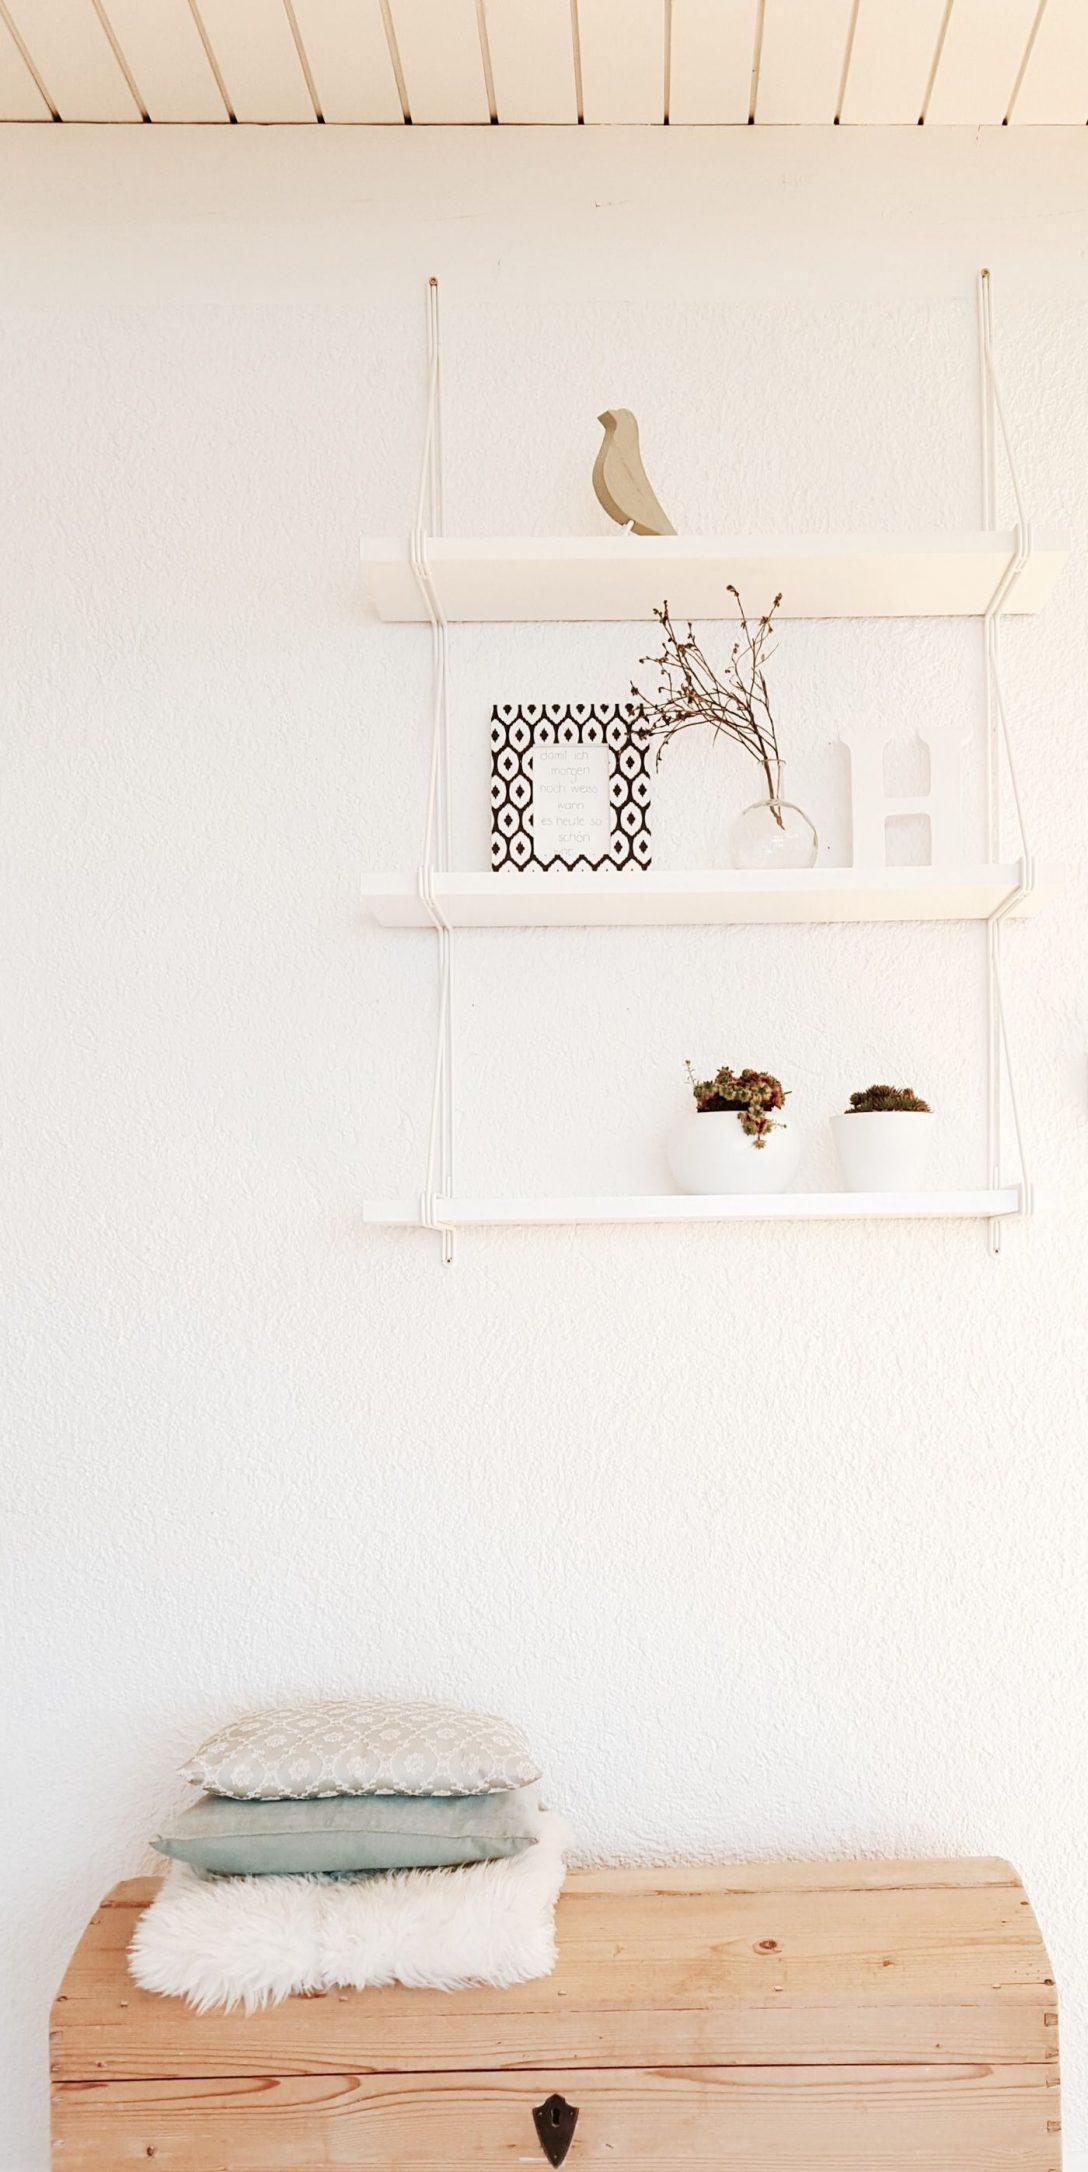 Large Size of Ikea Holzregal Ideen Und Inspirationen Fr Regale Küche Miniküche Betten Bei Sofa Mit Schlaffunktion Kosten Kaufen Badezimmer Modulküche 160x200 Wohnzimmer Ikea Holzregal